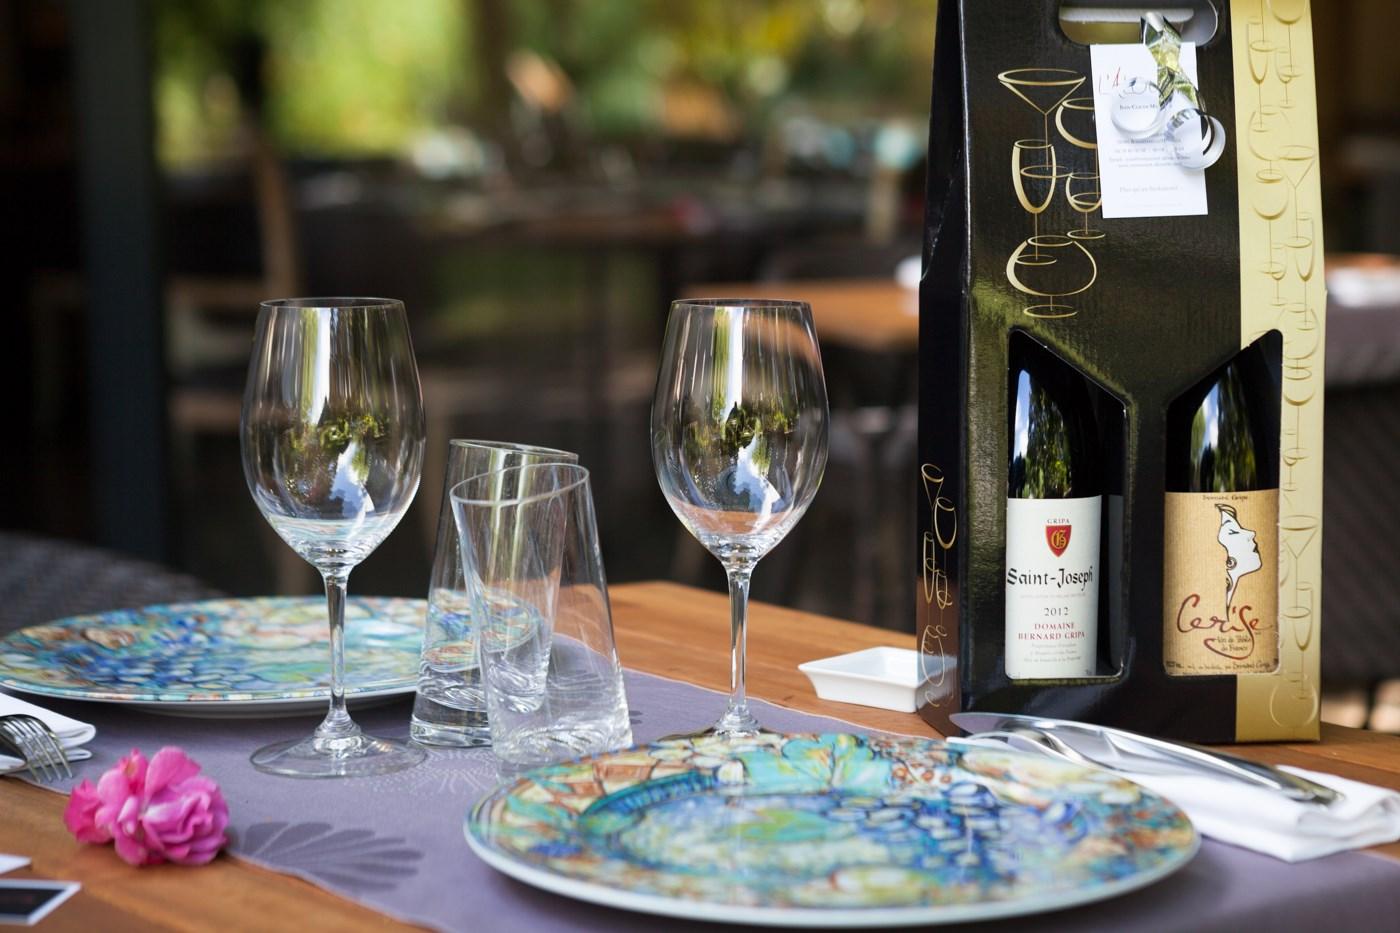 Belle table restaurant gastronomique de l'Alouette